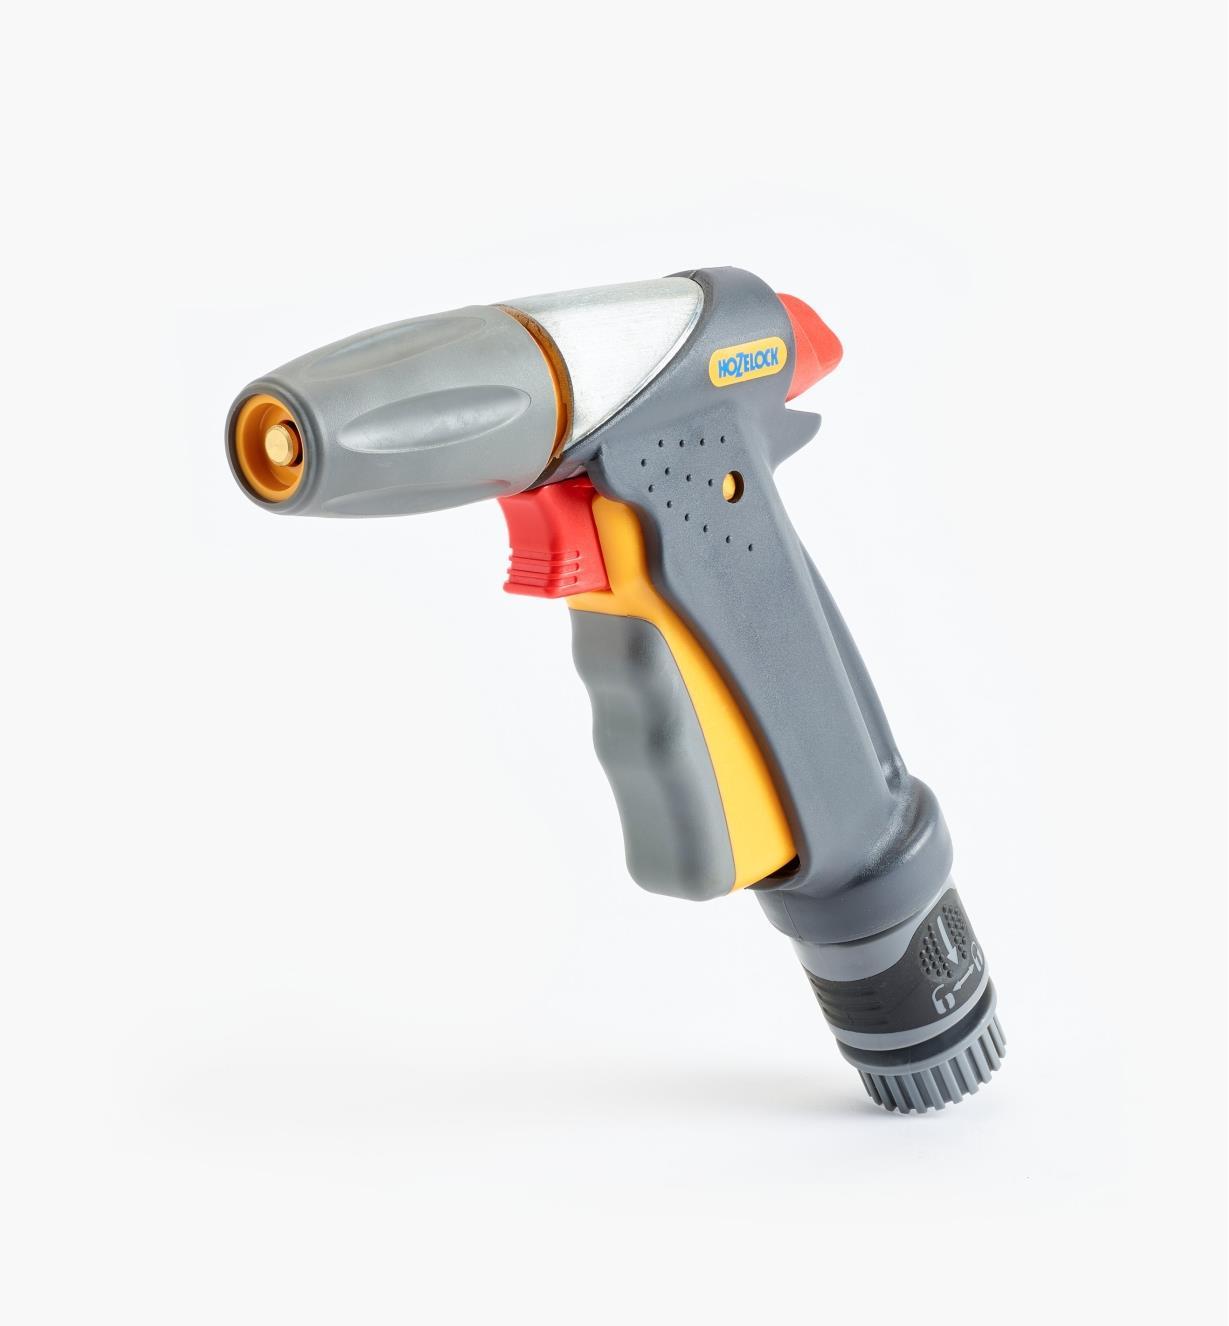 AL865 - Hozelock Heavy-Duty Spray Pistol